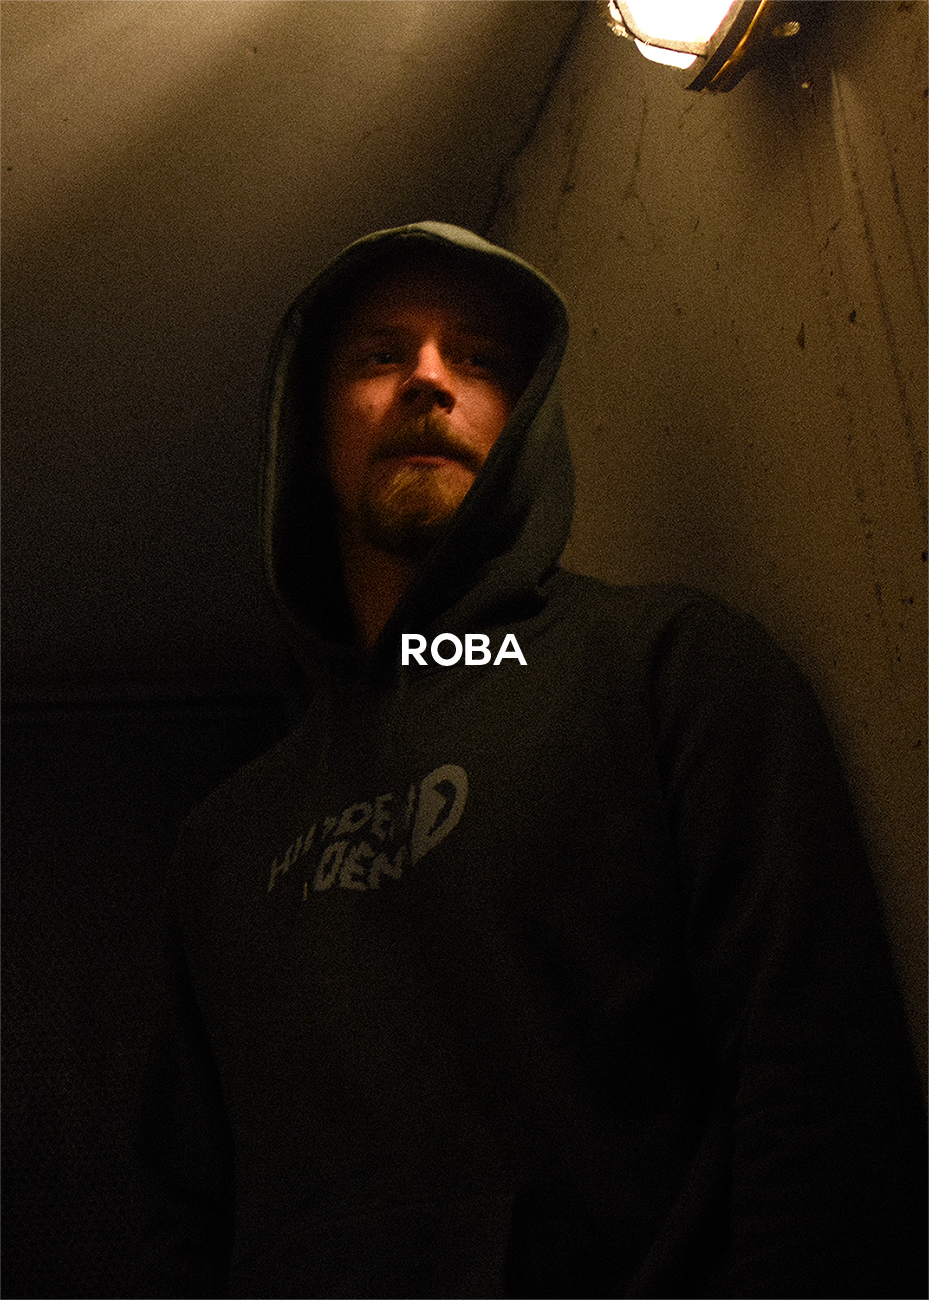 Hidden-den - ROBA